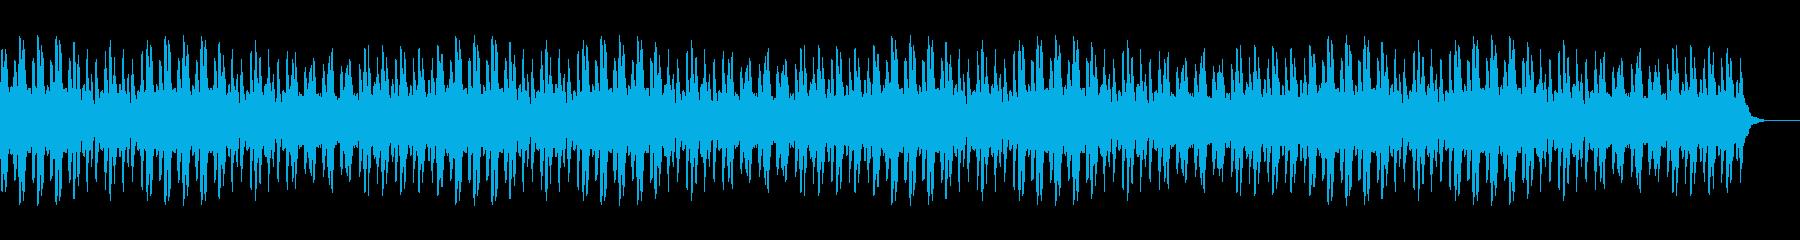 軽快でワクワクするマリンバ行進曲の再生済みの波形